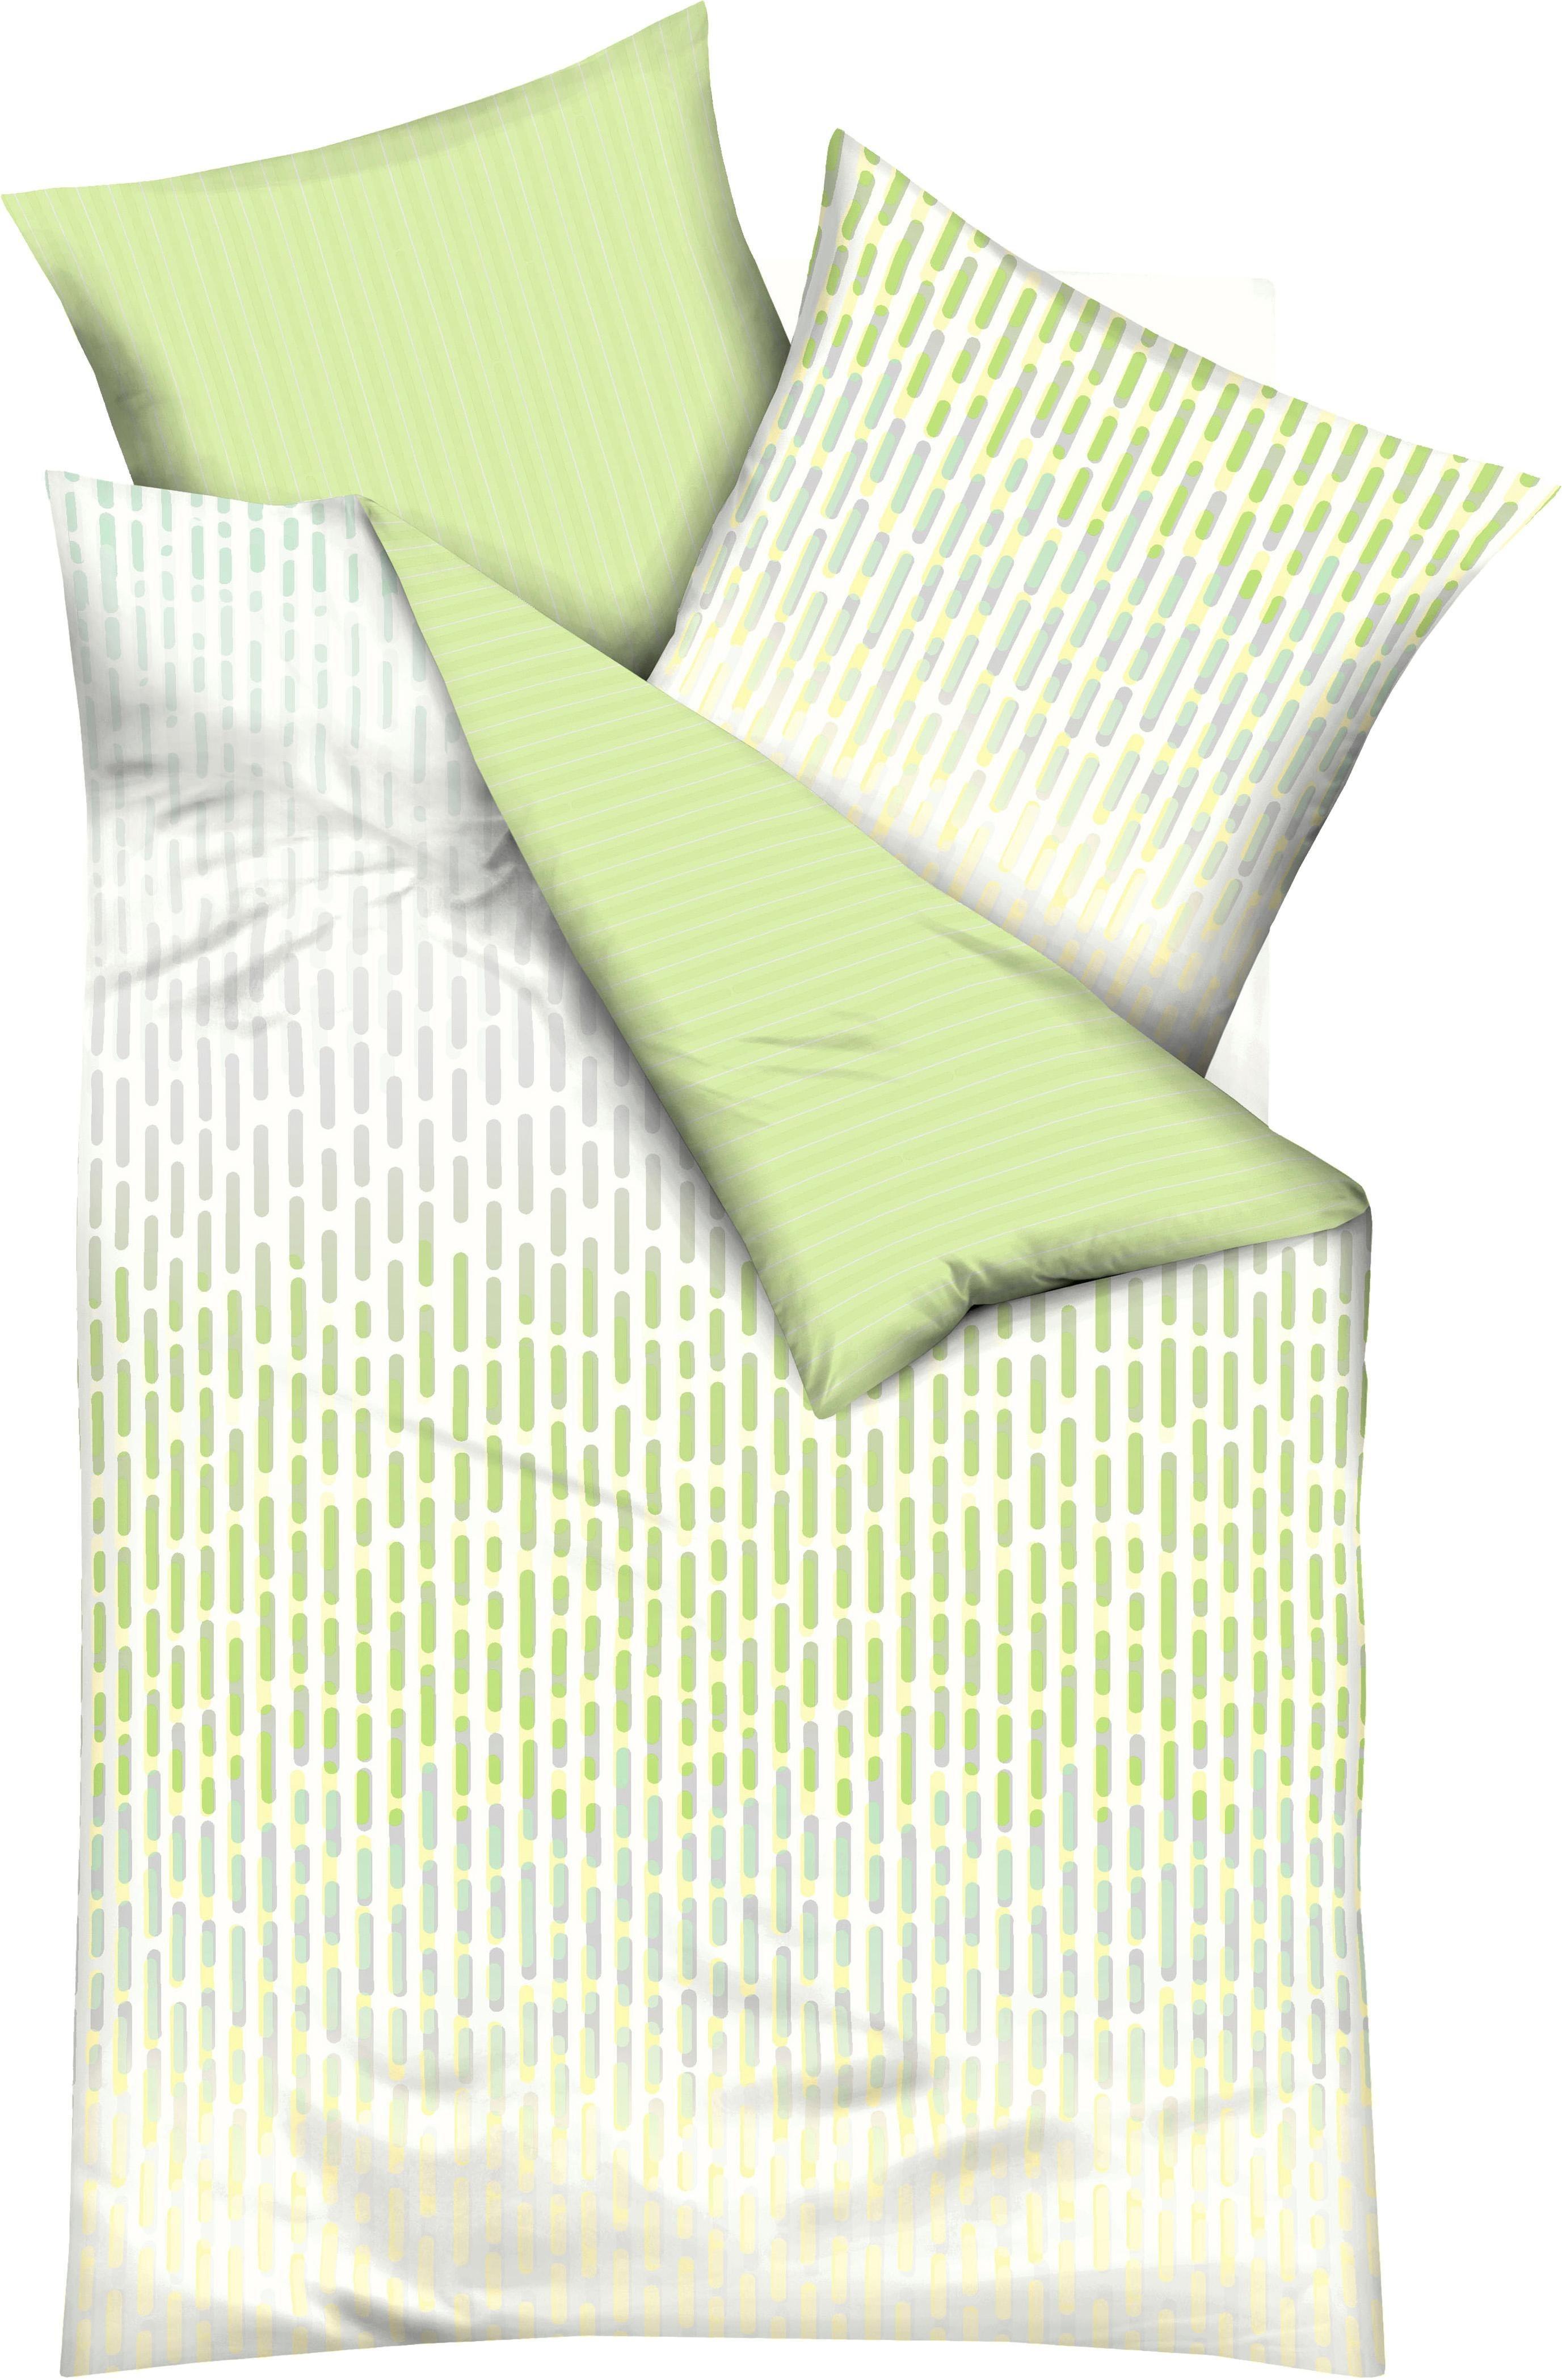 Wendebettwäsche »Intense«, Kaeppel, im Stäbchendesign | Heimtextilien > Bettwäsche und Laken > Wendebettwäsche | Kaeppel